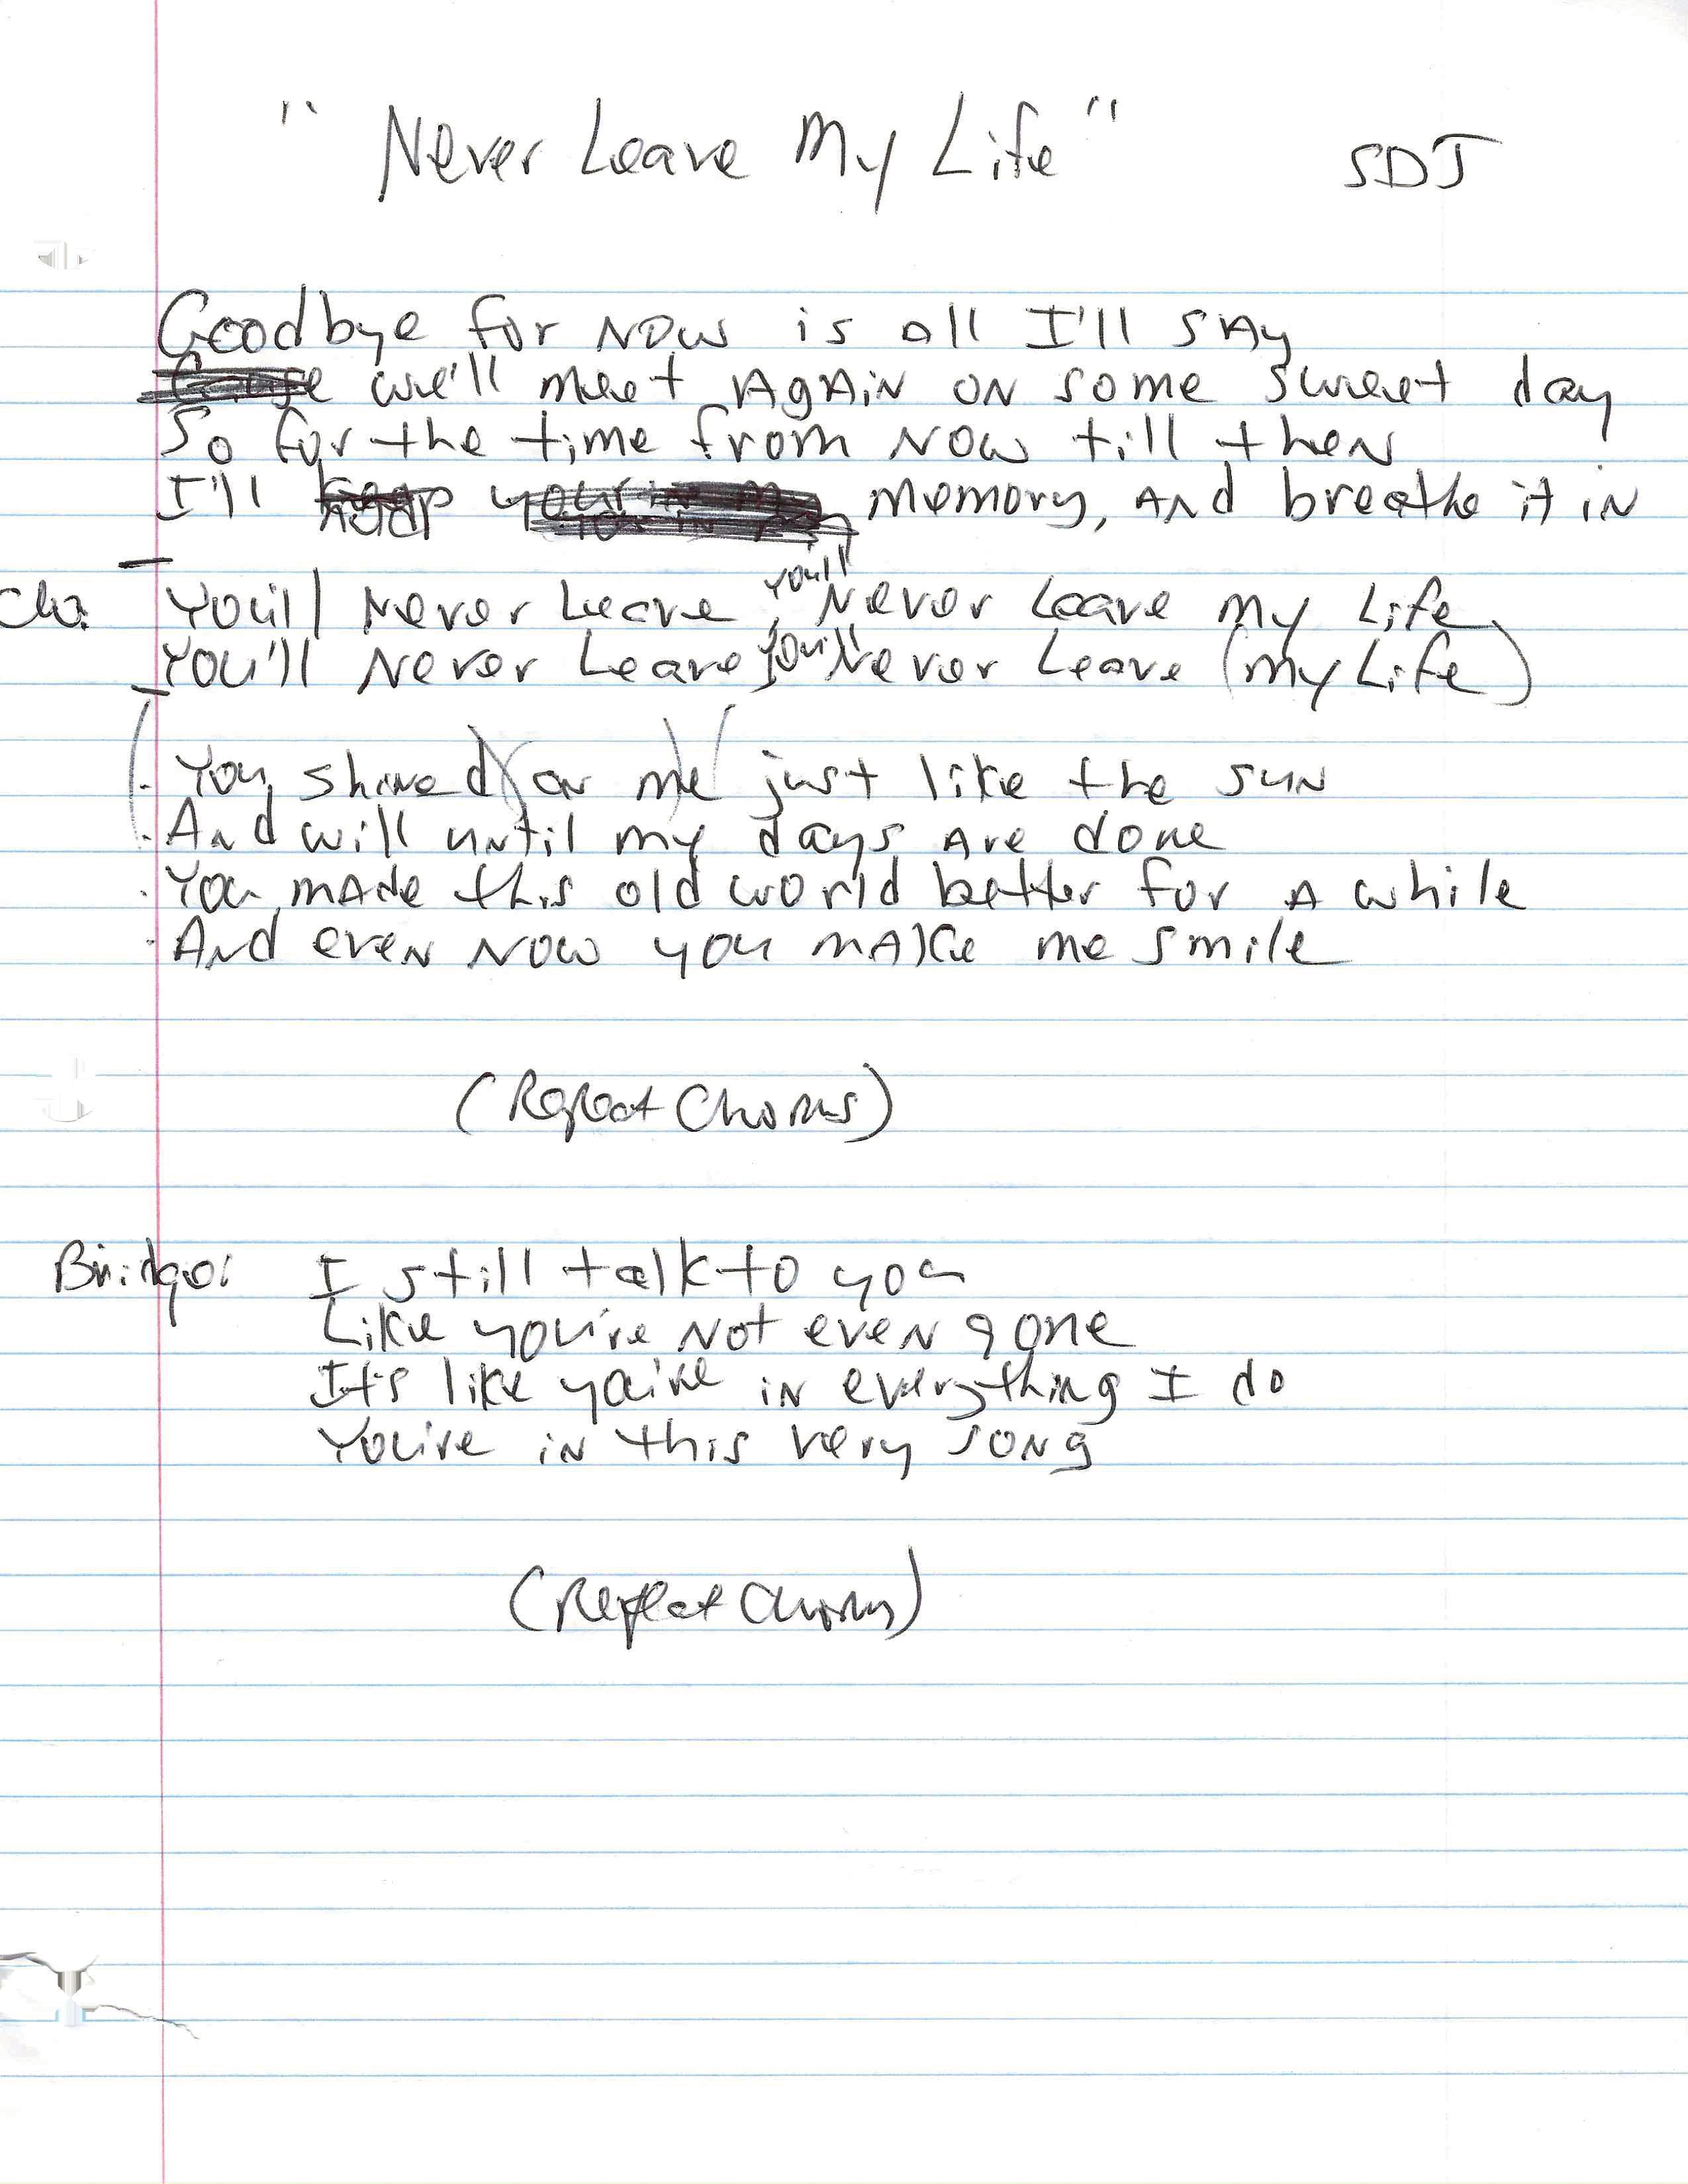 Steven Dale Jones Song notes